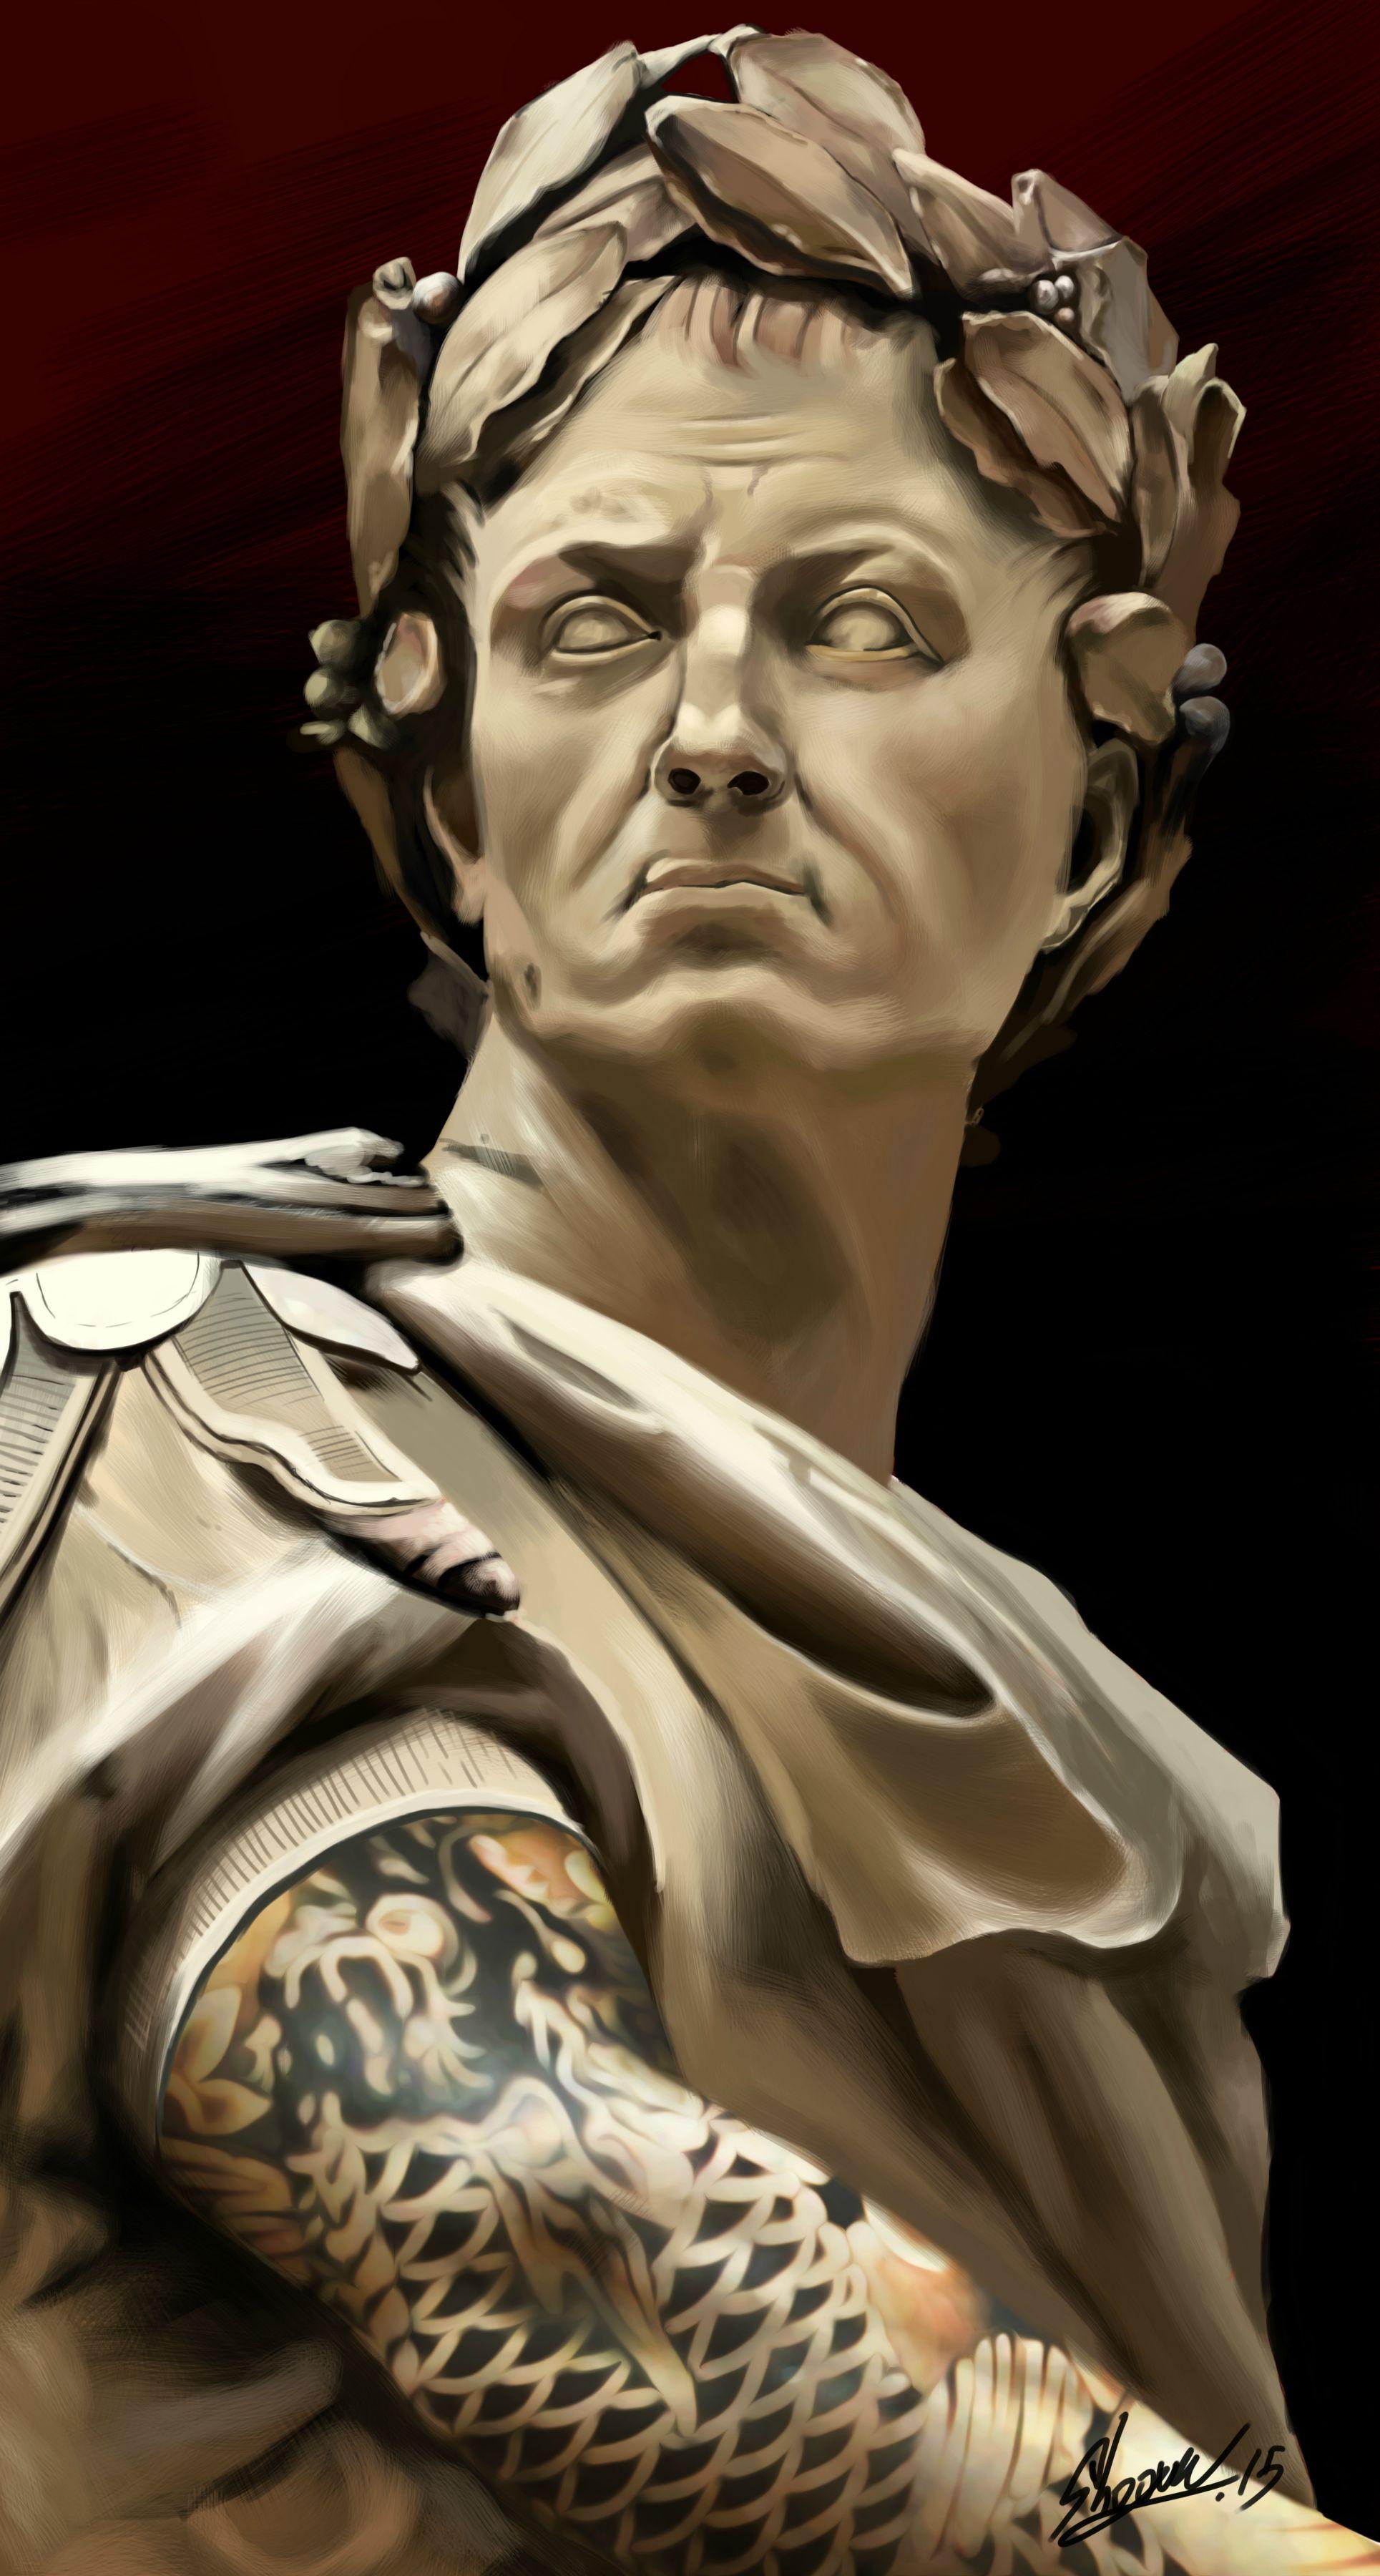 ArtworkJulius Caesar with Tattoou0027s (HD) Digital painting PlusPng.com  - Julius Caesar PNG HD